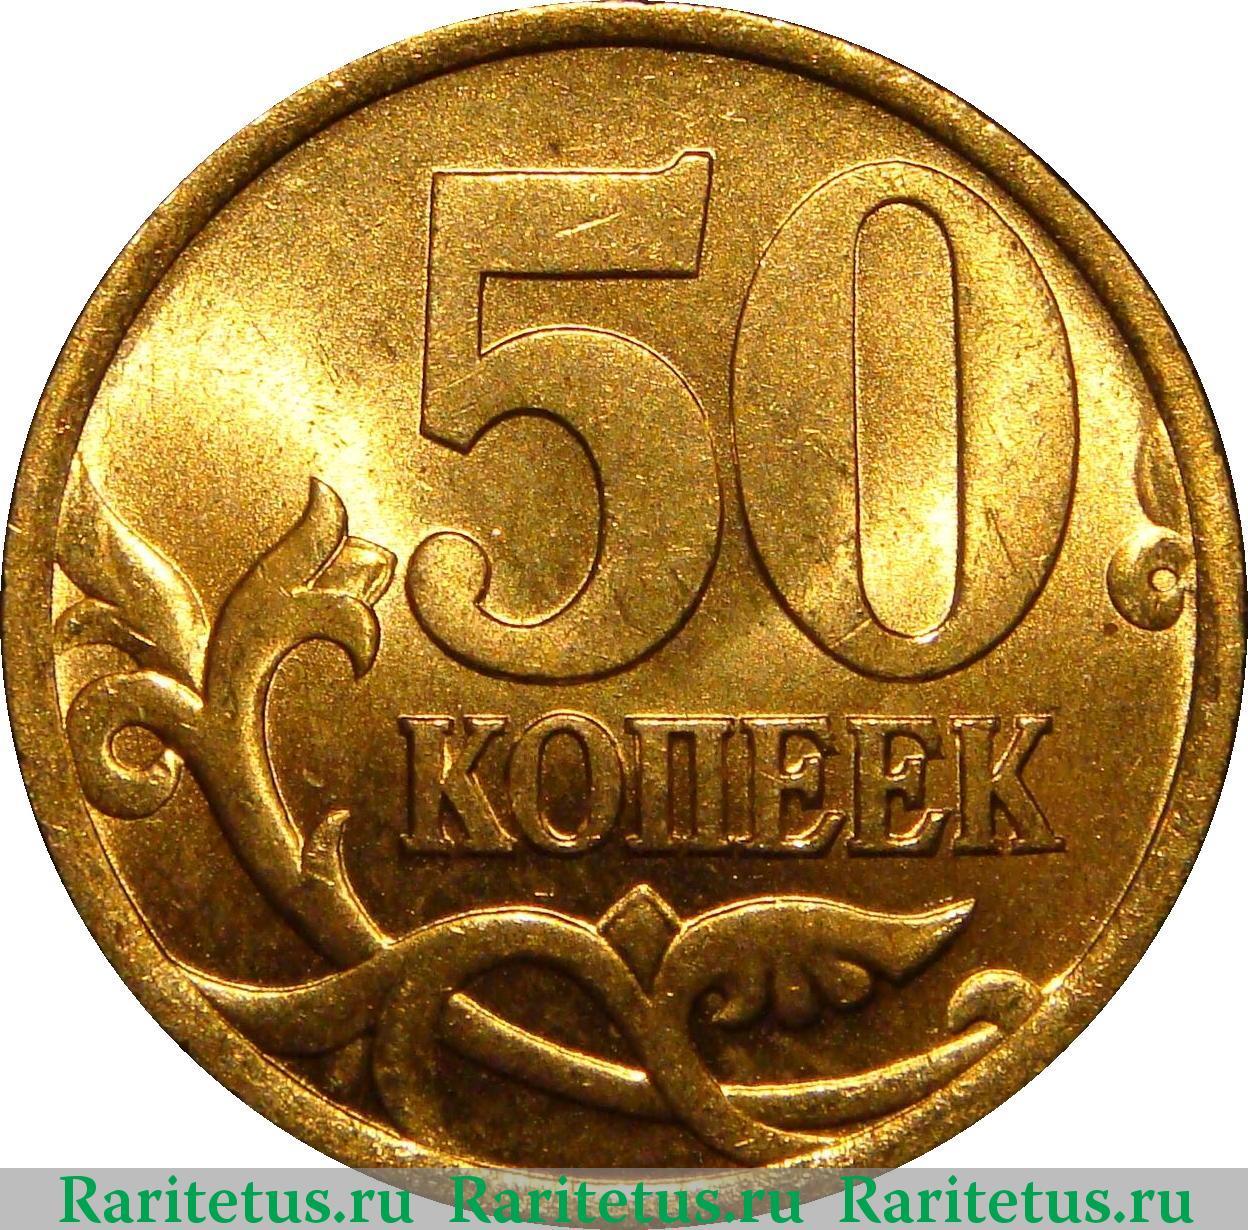 Монета 50 копеек московское нумизматическое общество сайт